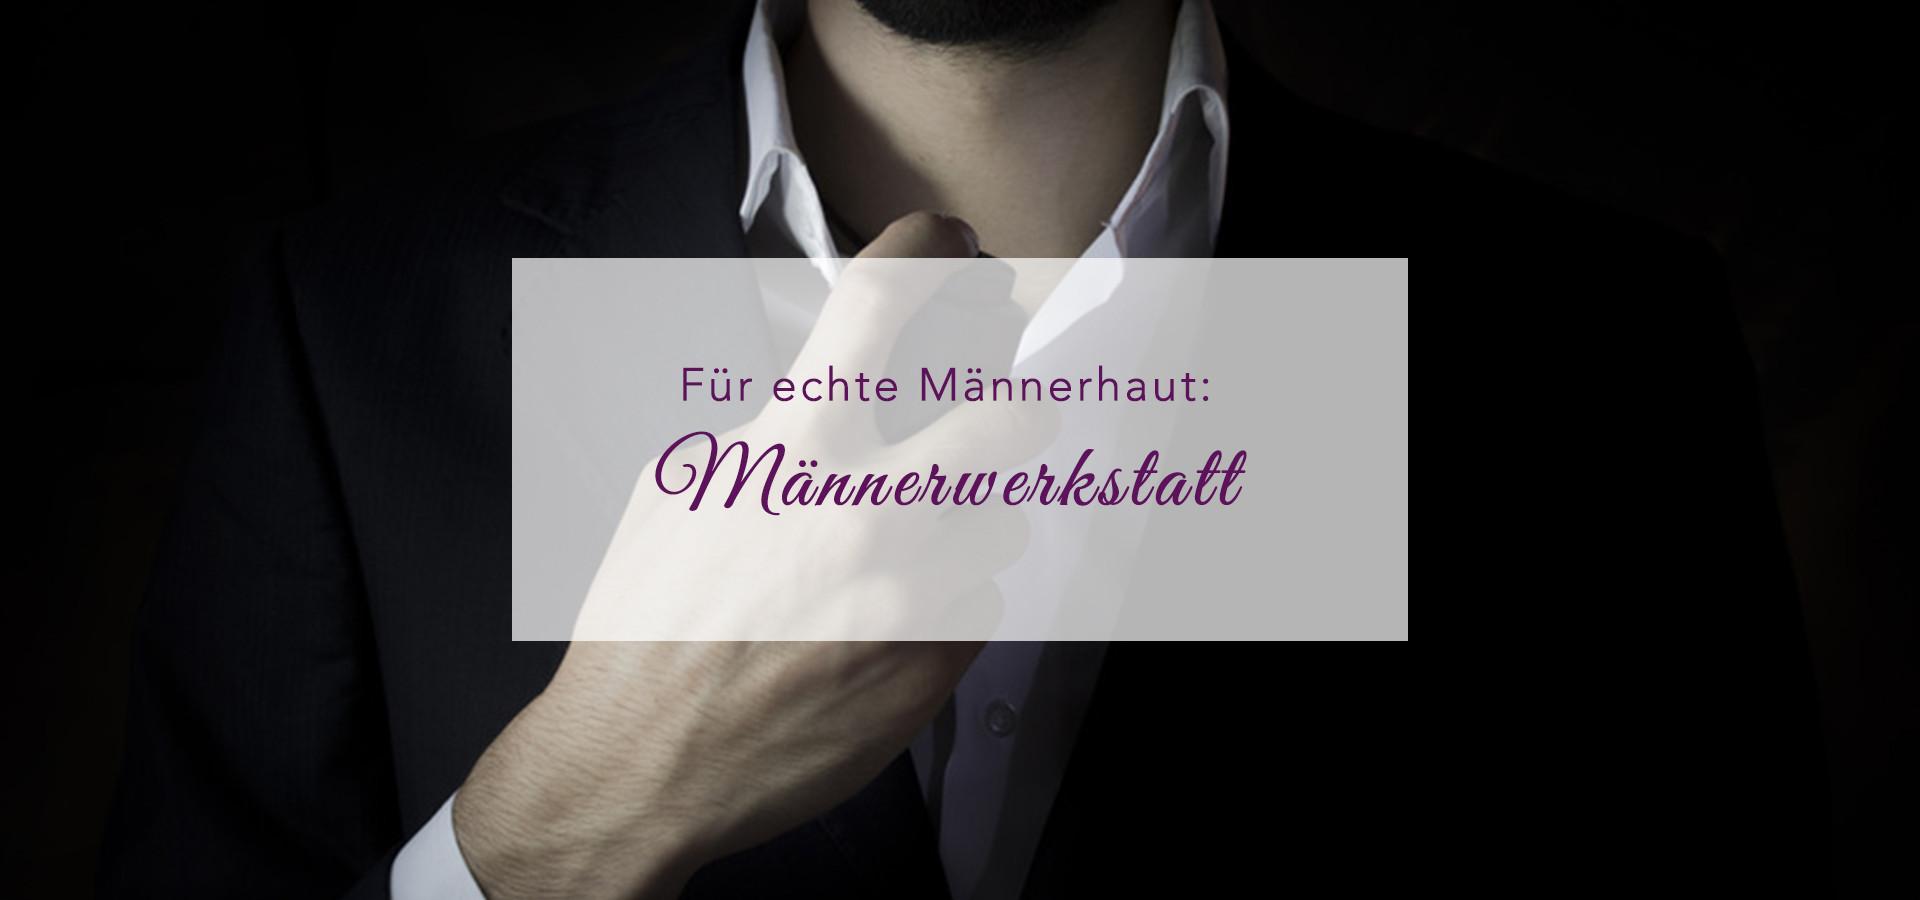 Startseitenslider_Maennerwerkstatt.jpg